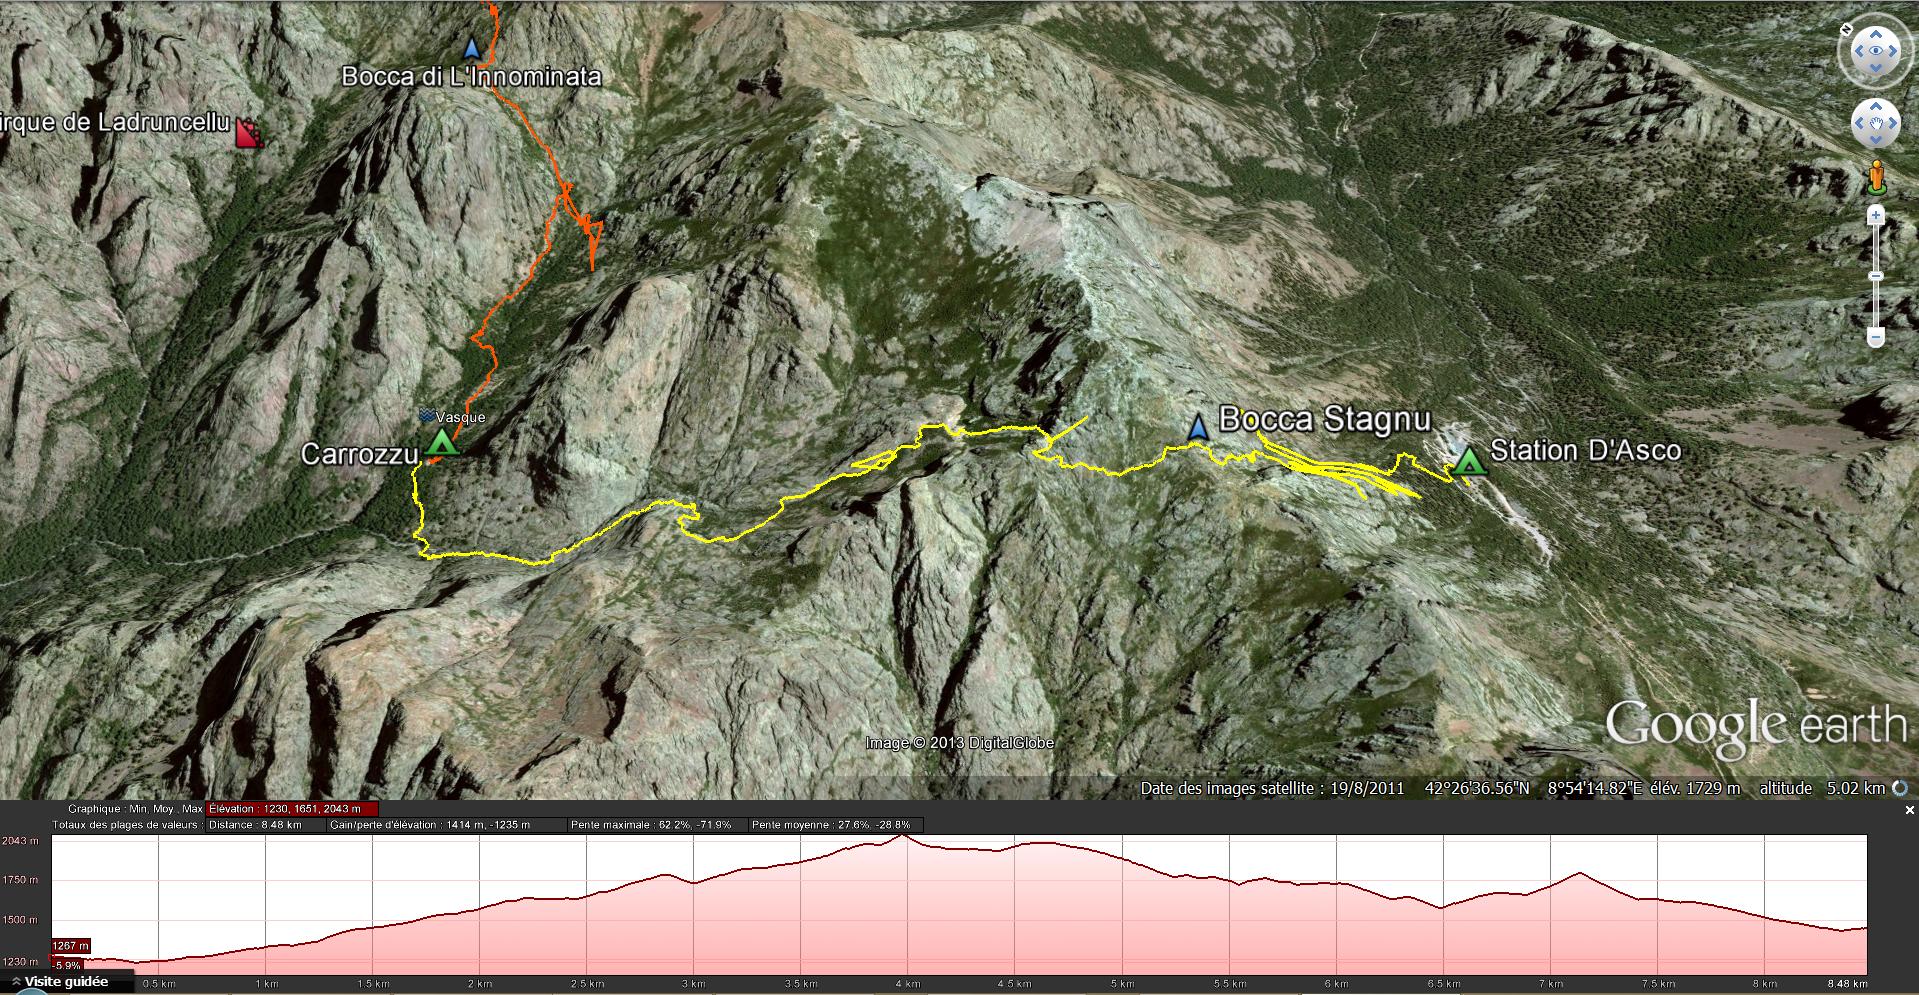 3e étape - Carrozzu - Asco